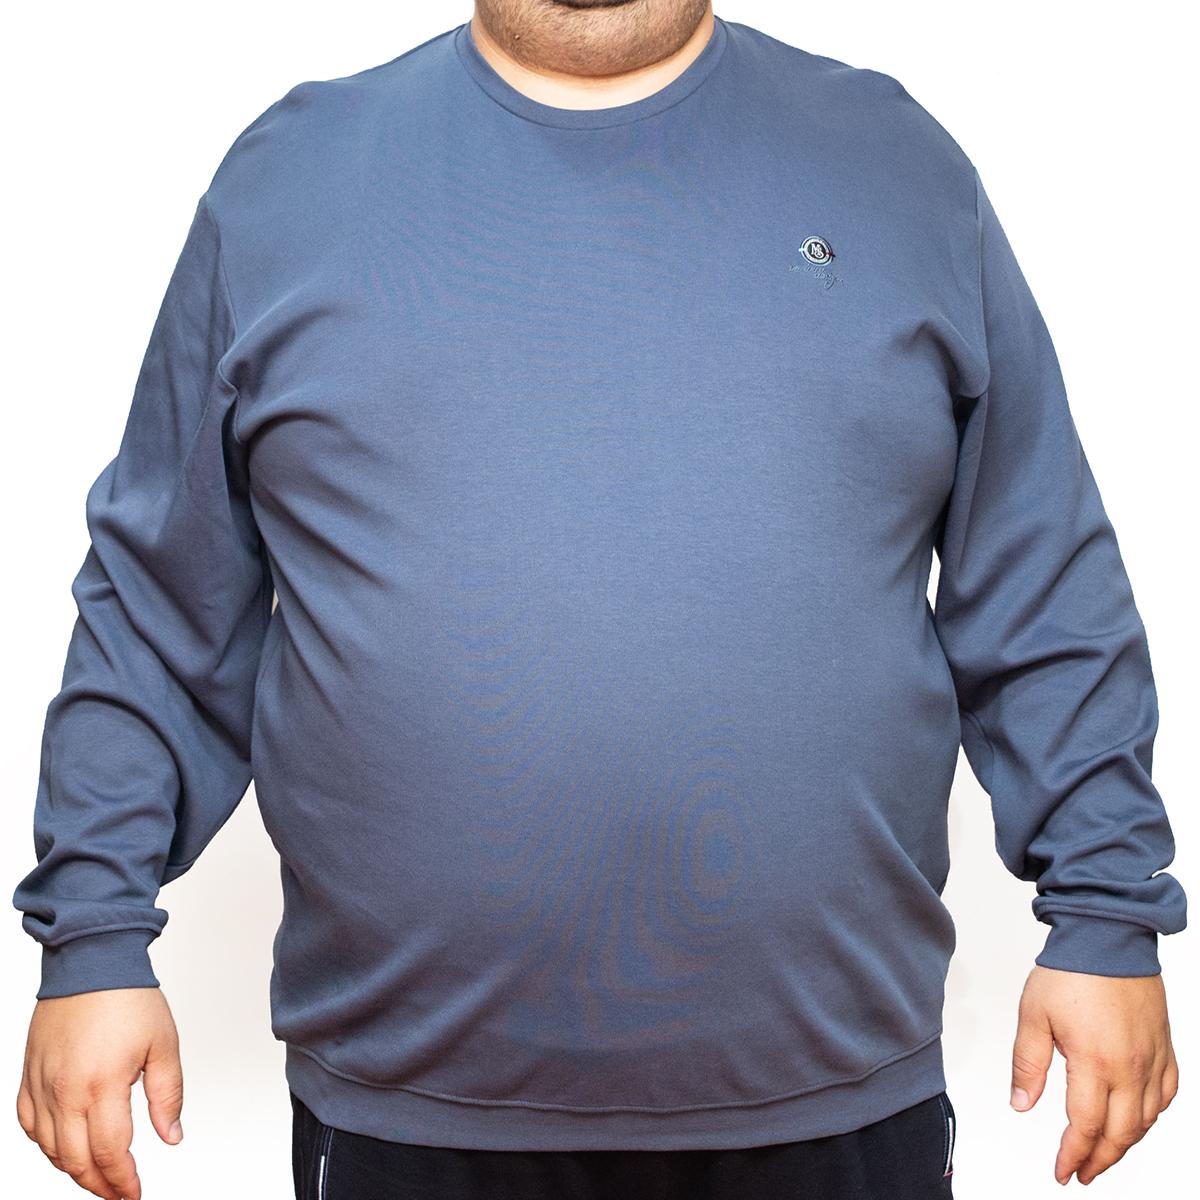 Bluza subtire bleumarin la baza gatului, Marime 6XL - egato.ro